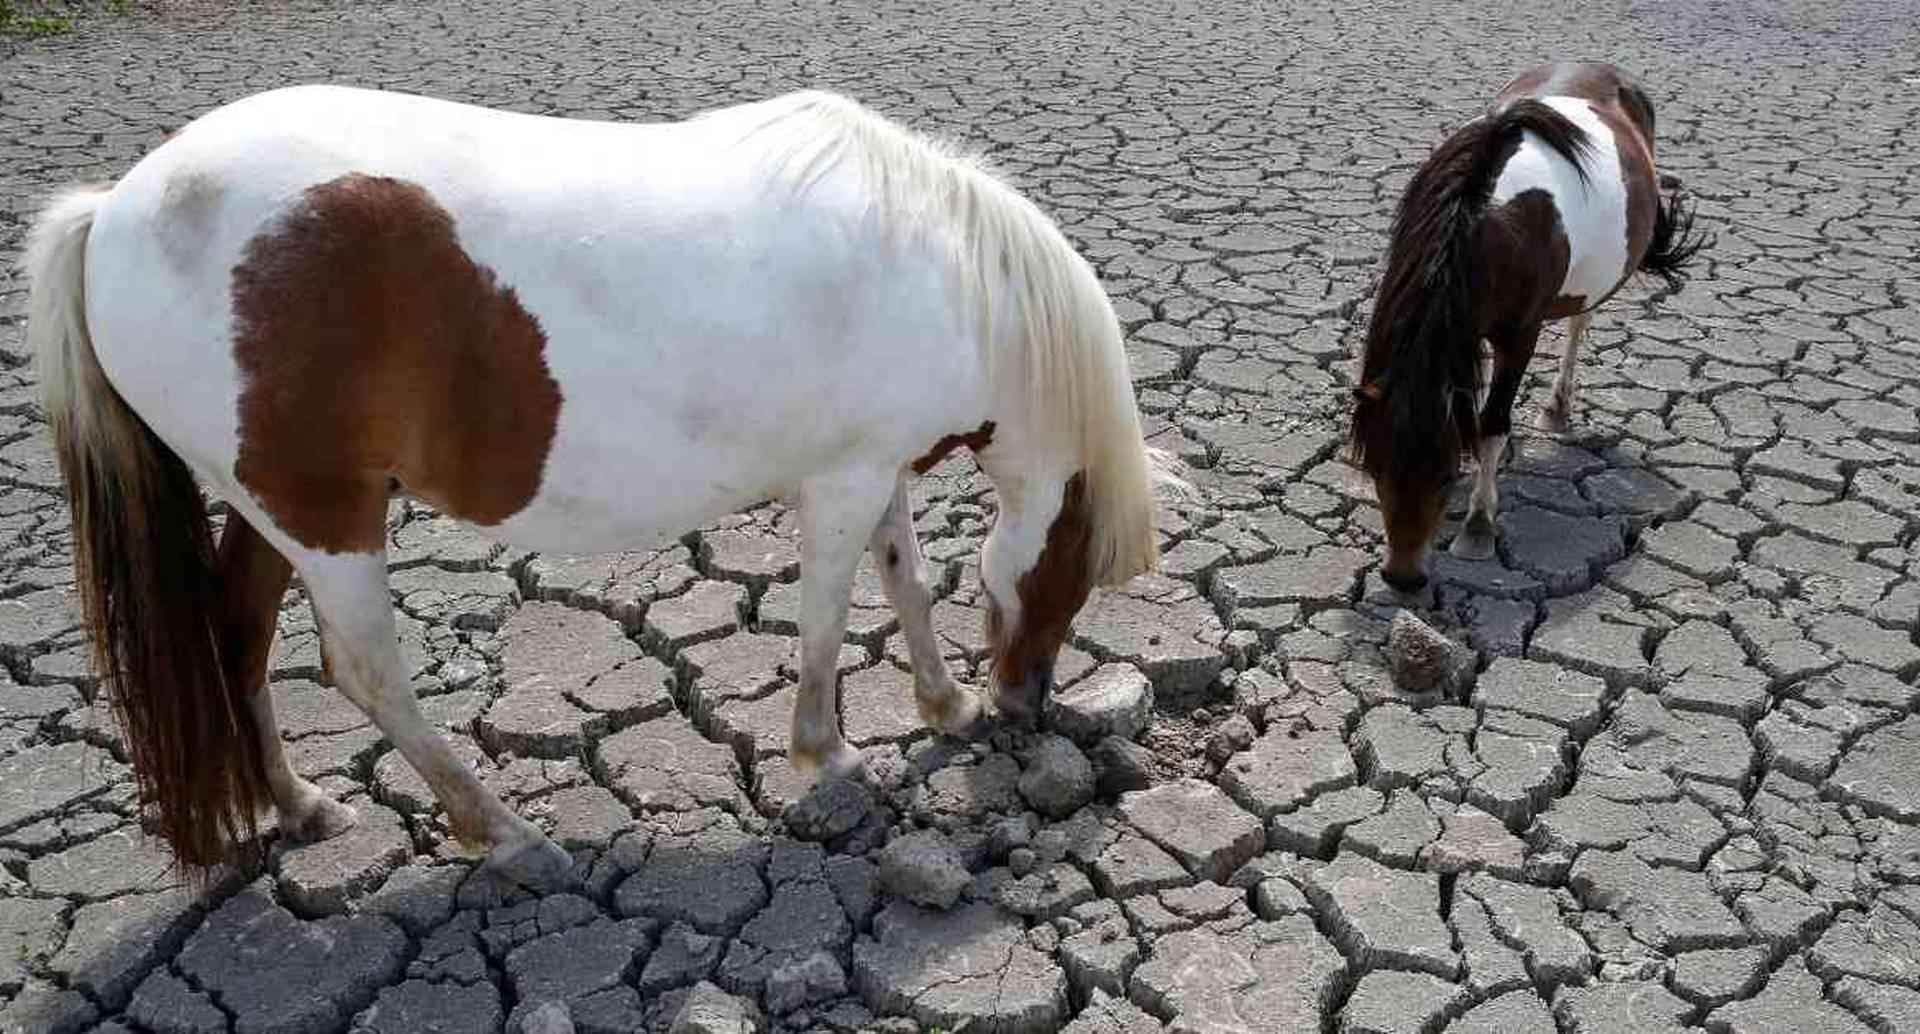 Los animales también resultaron afectados en Europa por cuenta de la intensa ola de calor registrada en el pasado mes de julio.  Foto:  PASCAL POCHARD-CASABIANCA / AFP